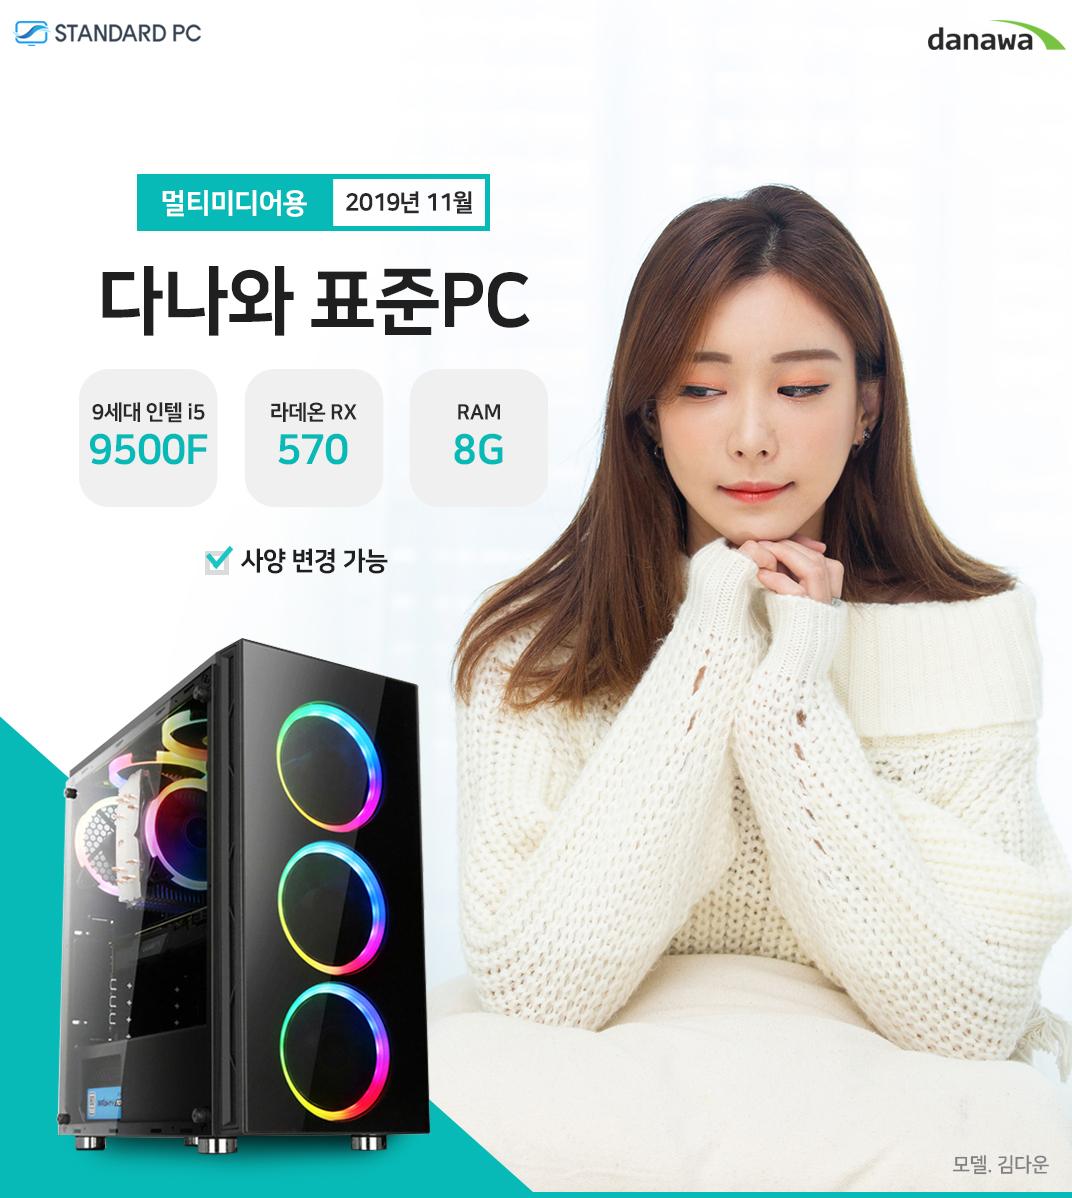 2019년 11월 다나와 멀티미디어용 인텔 I5-9500F RX 570 VGA RAM 8G 모델 문가경